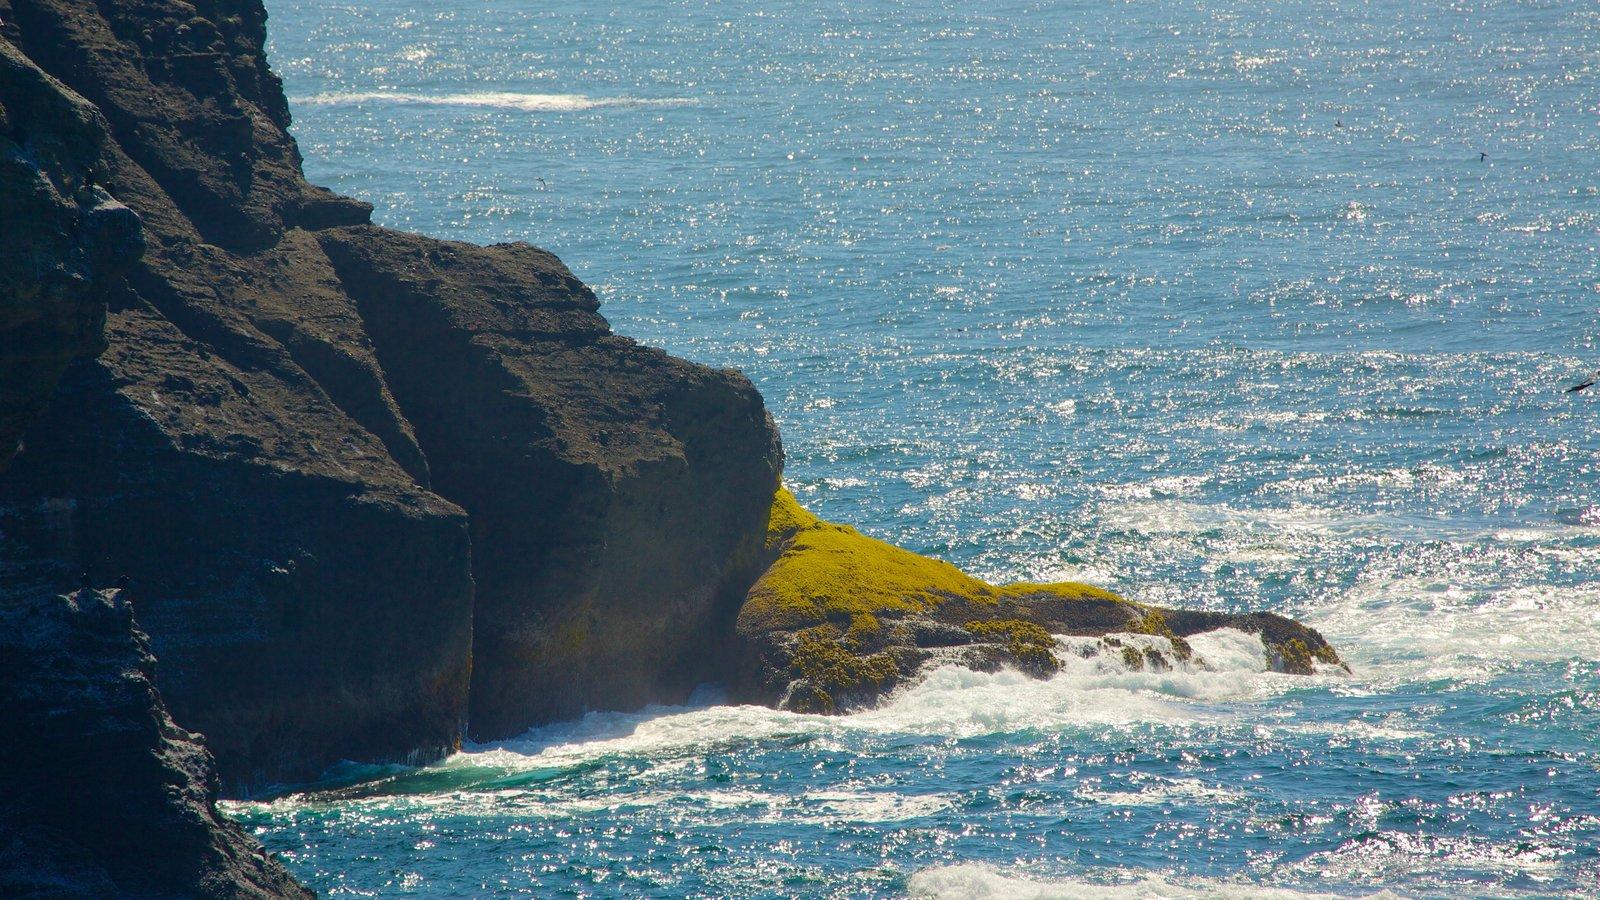 Cabo Flattery mostrando litoral rochoso e paisagens litorâneas